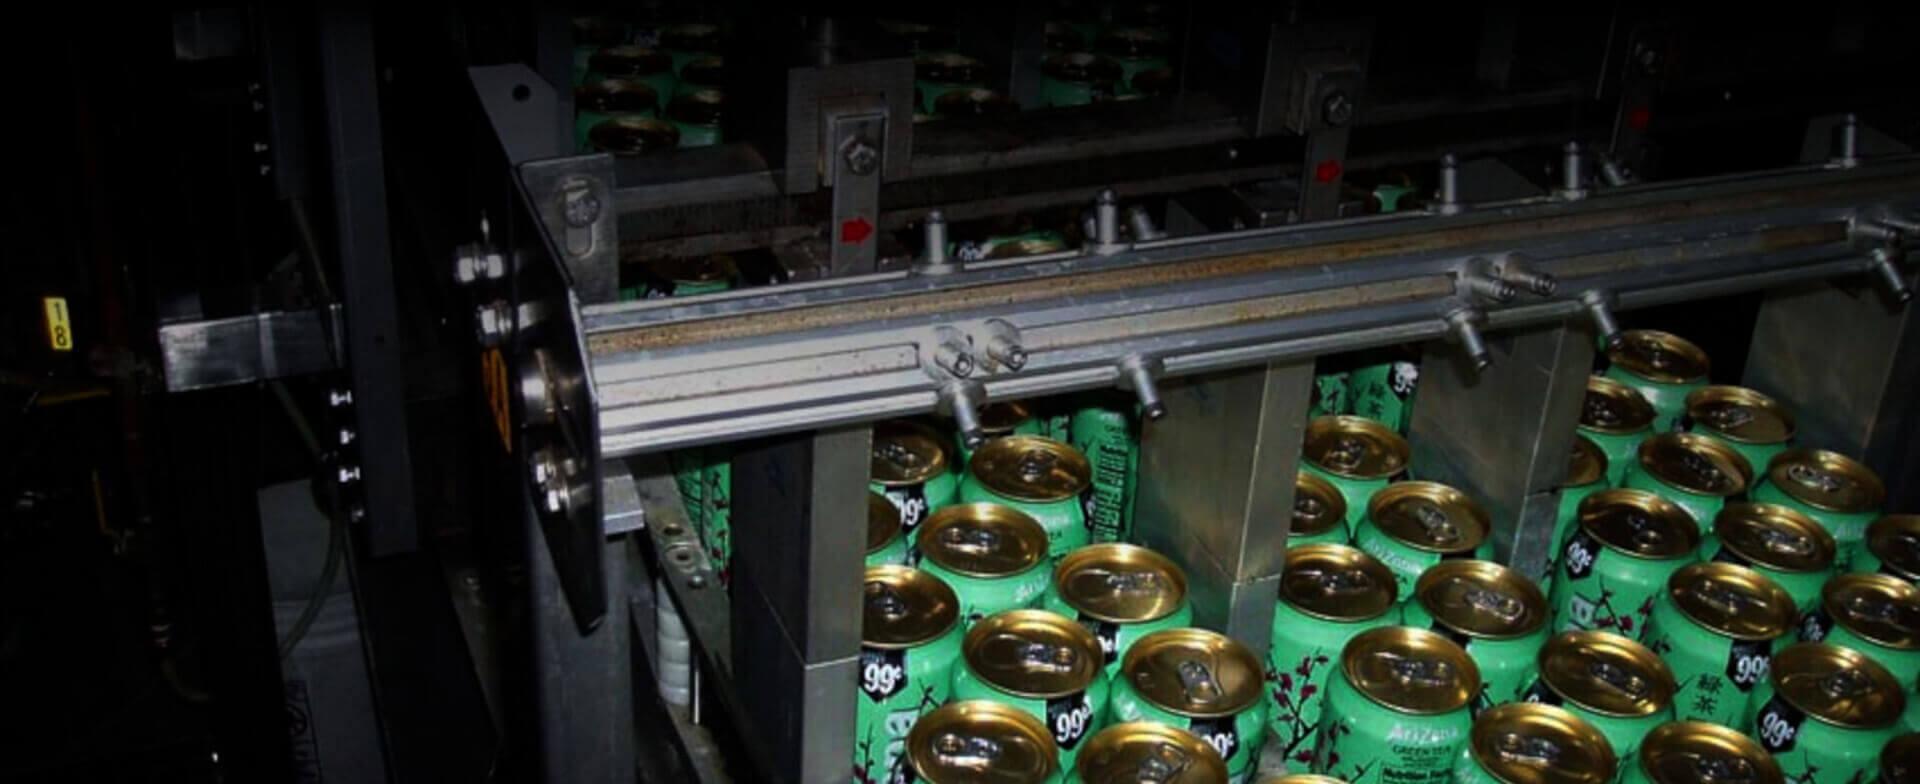 خرید سنسور تشخیص درب فلزی در خط تولید